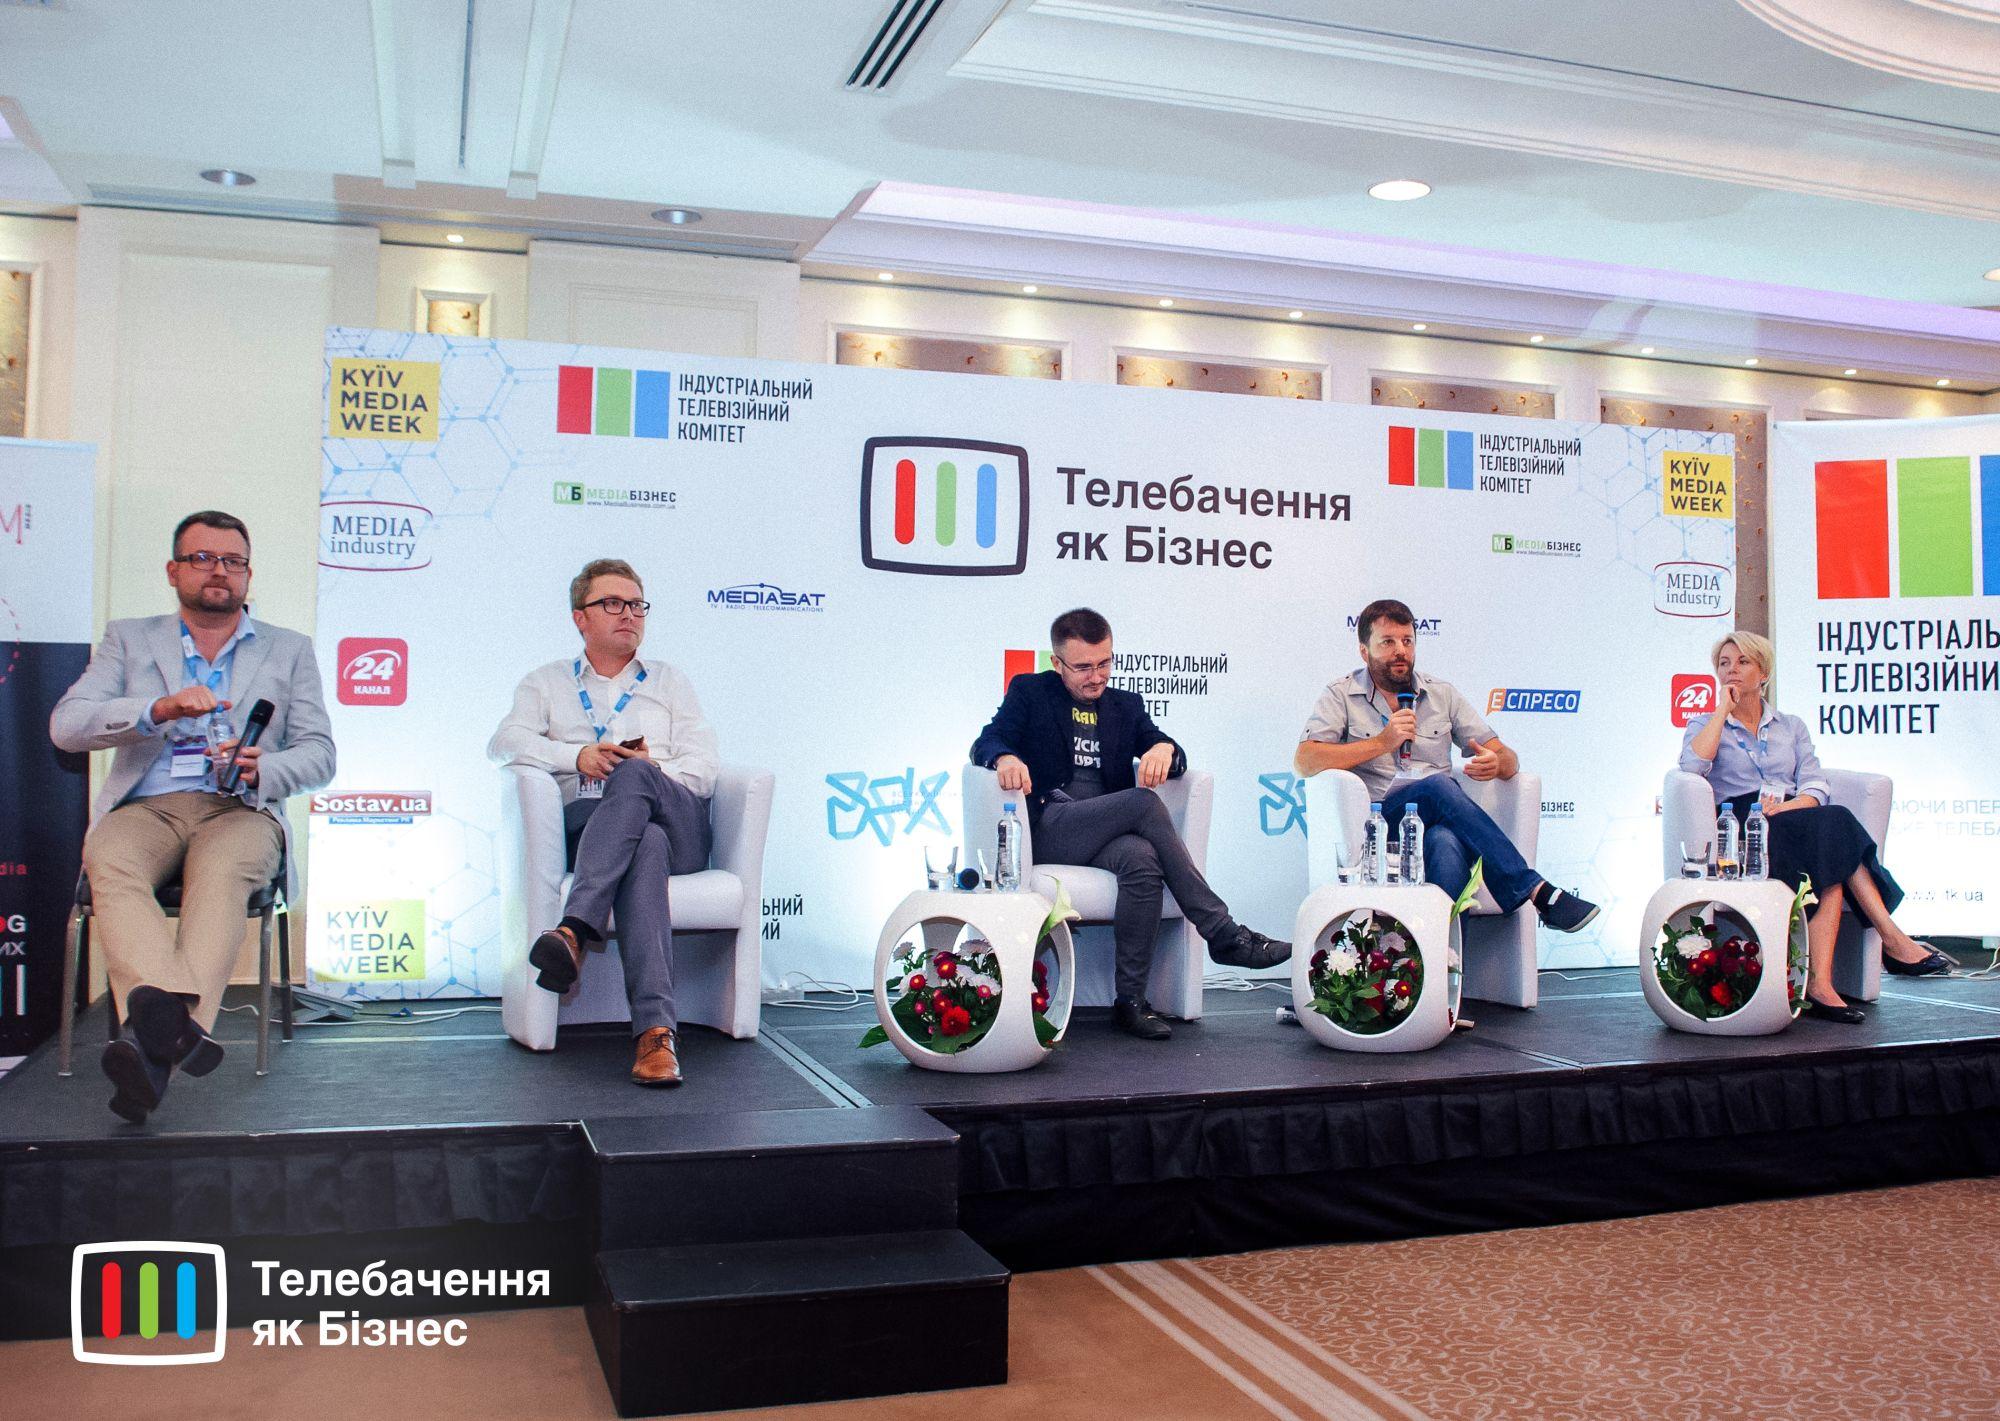 Телебачення як Бізнес 2018 / Телевидение как Бизнес